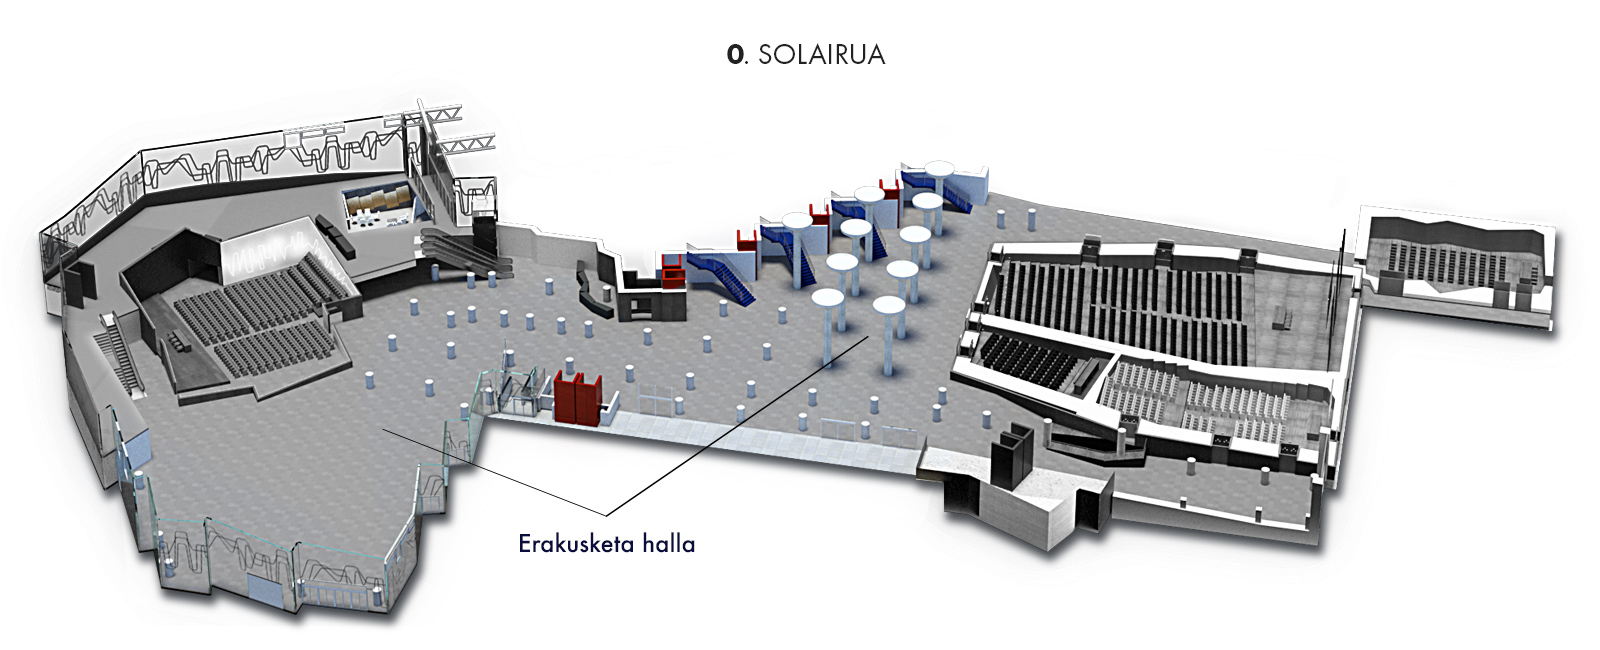 Erakusketa halla, 0. solairua | Palacio Euskalduna Jauregia